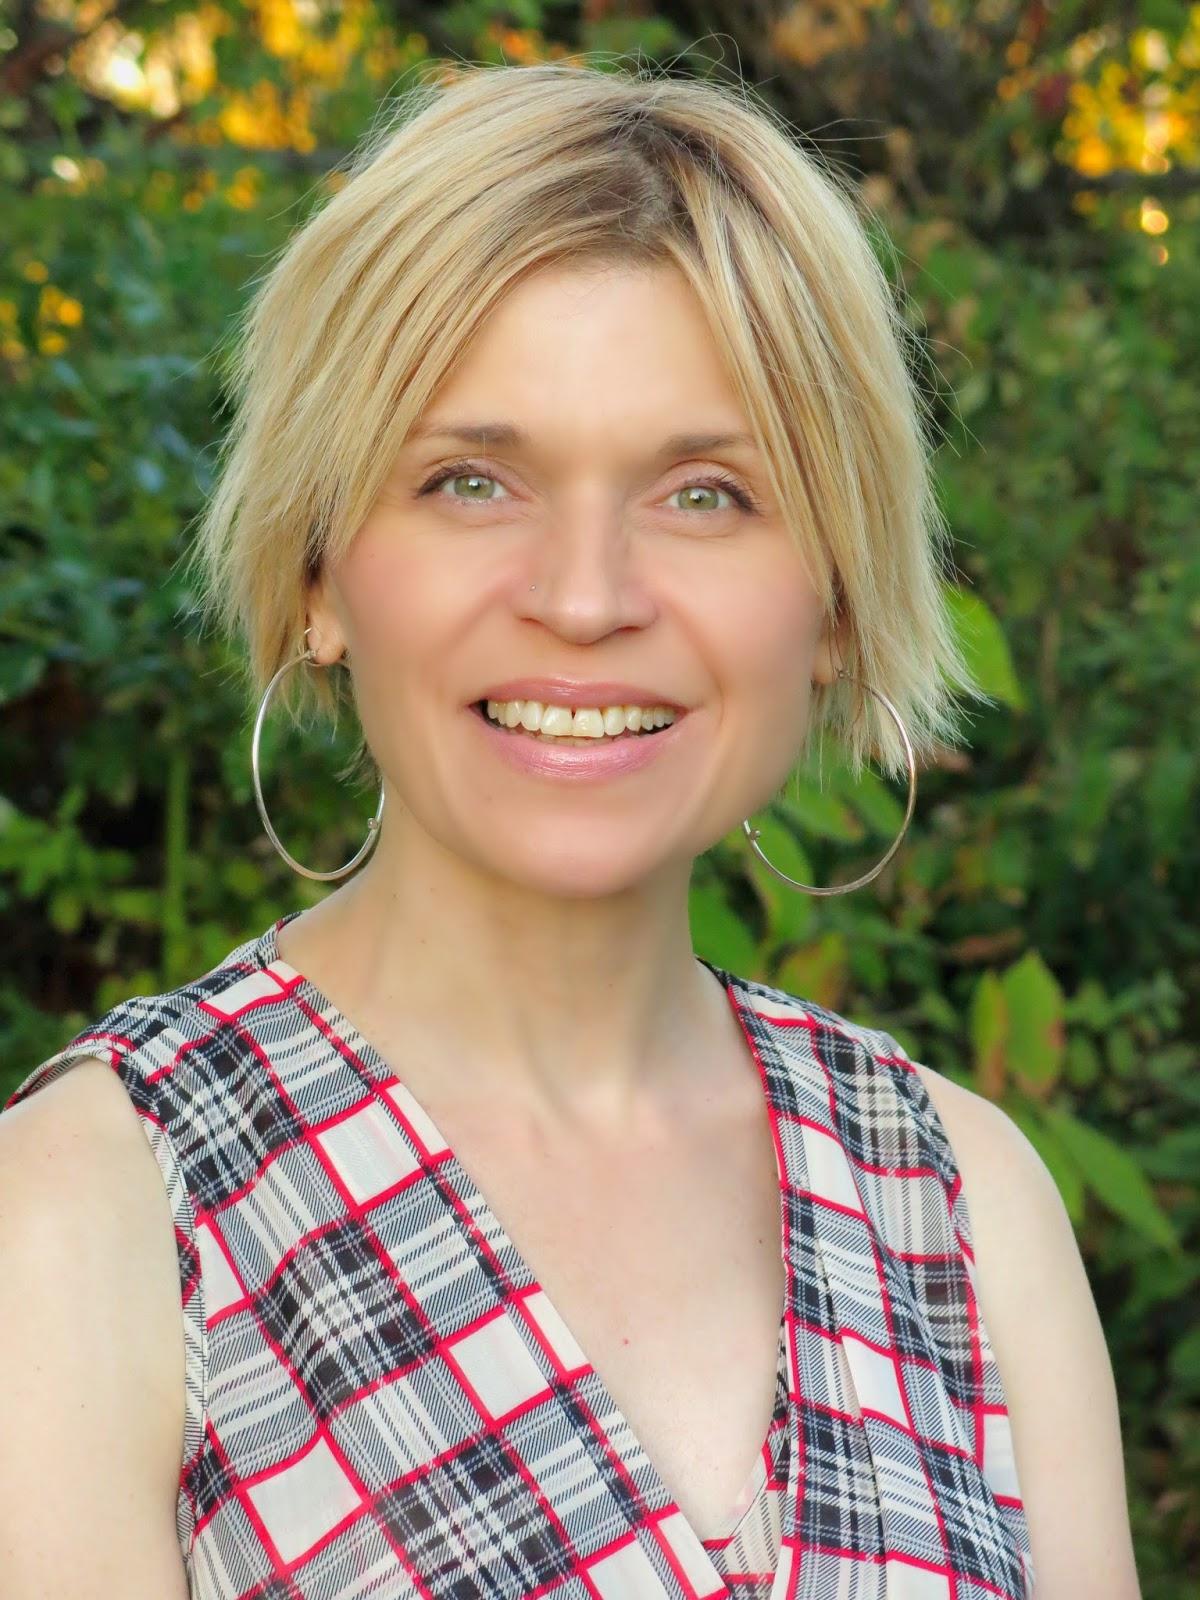 sleeveless plaid blouse, oversized hoop earrings